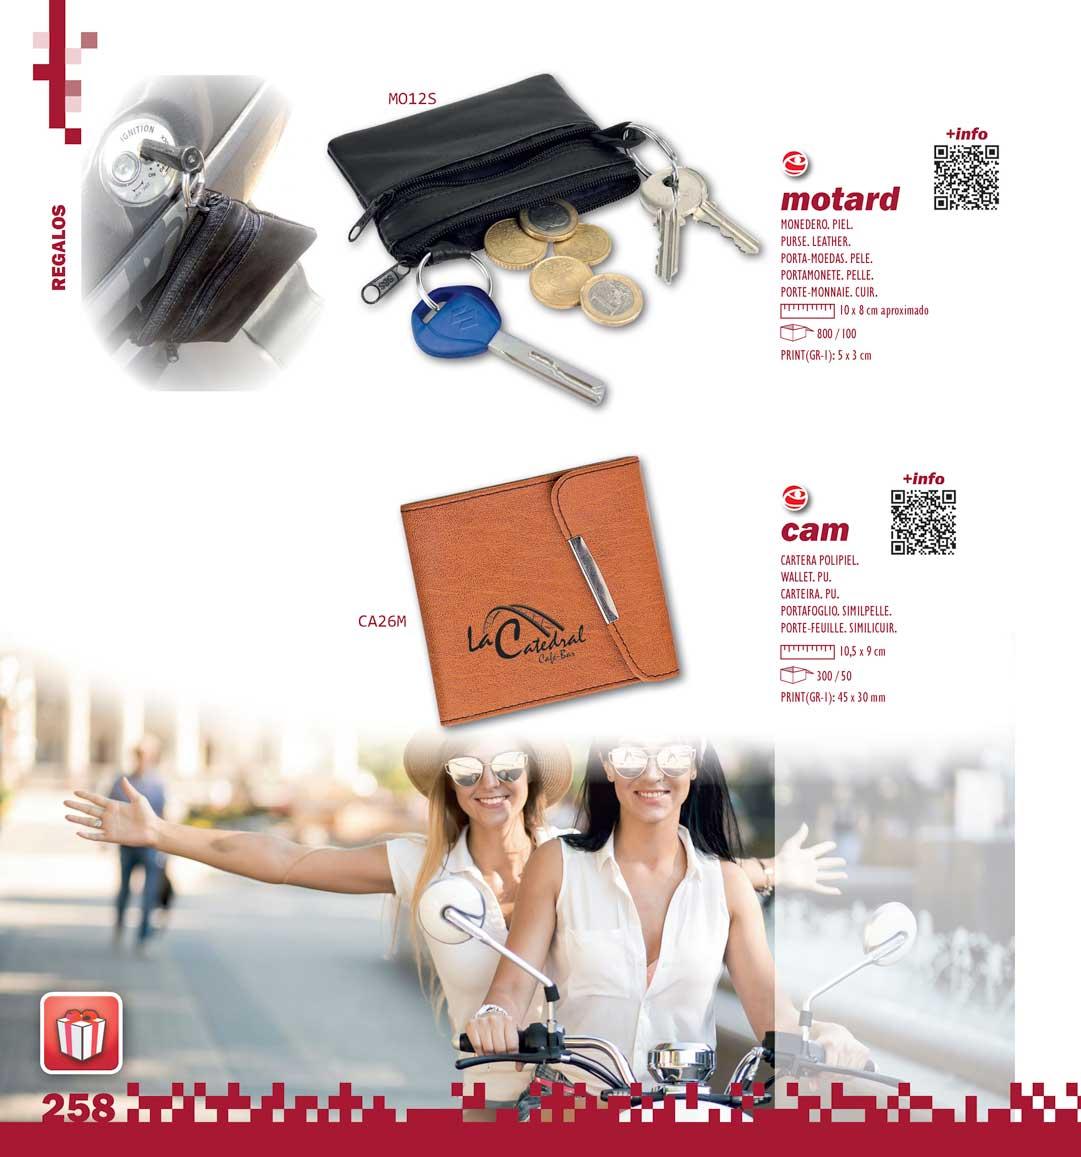 catalogo-enyes-sin-precios-allta_Página_263